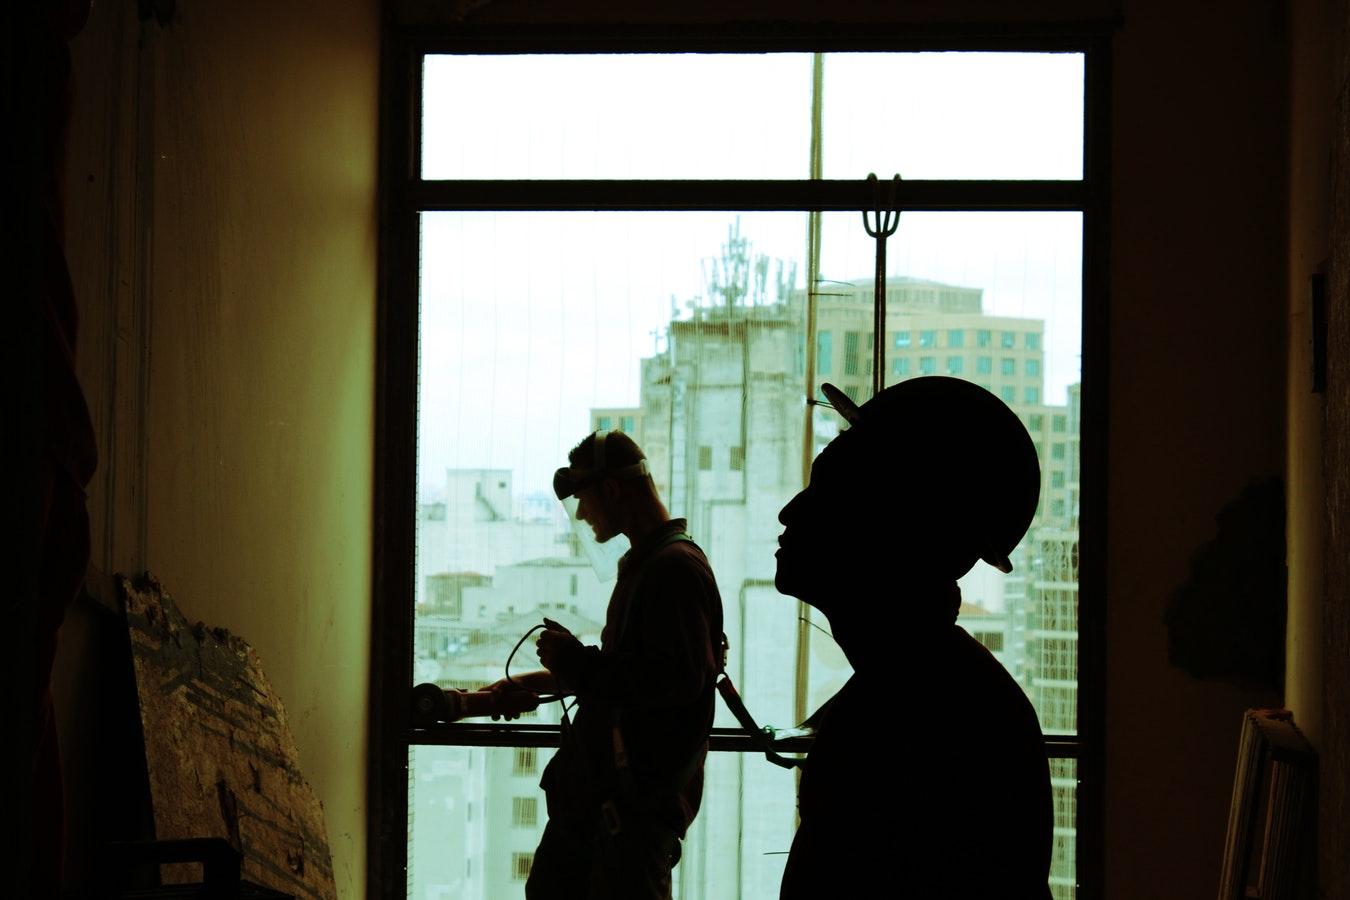 Engenharia de Segurança do Trabalho, 4 motivos para cursar Engenharia de Segurança do Trabalho na UCPel